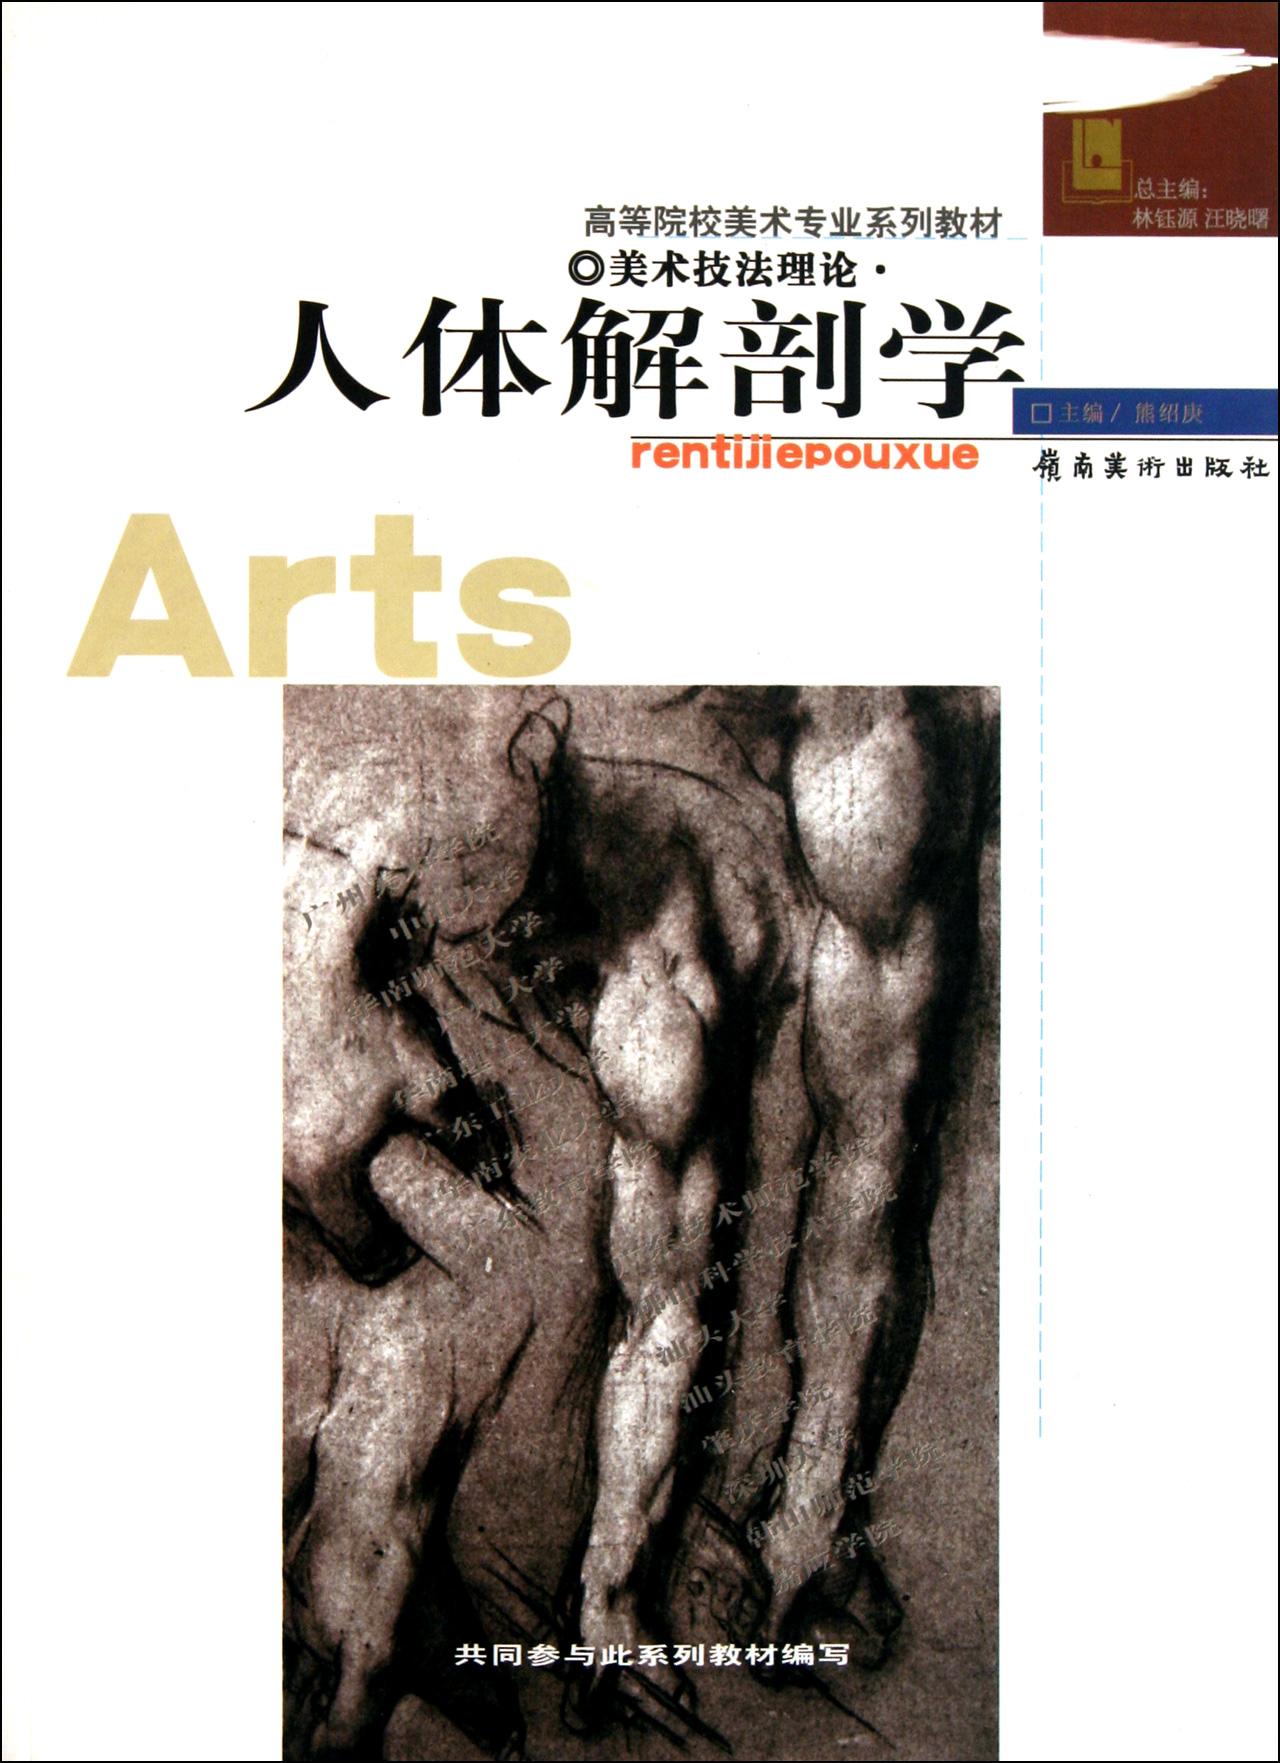 人体解剖学(美术技法理论)图片